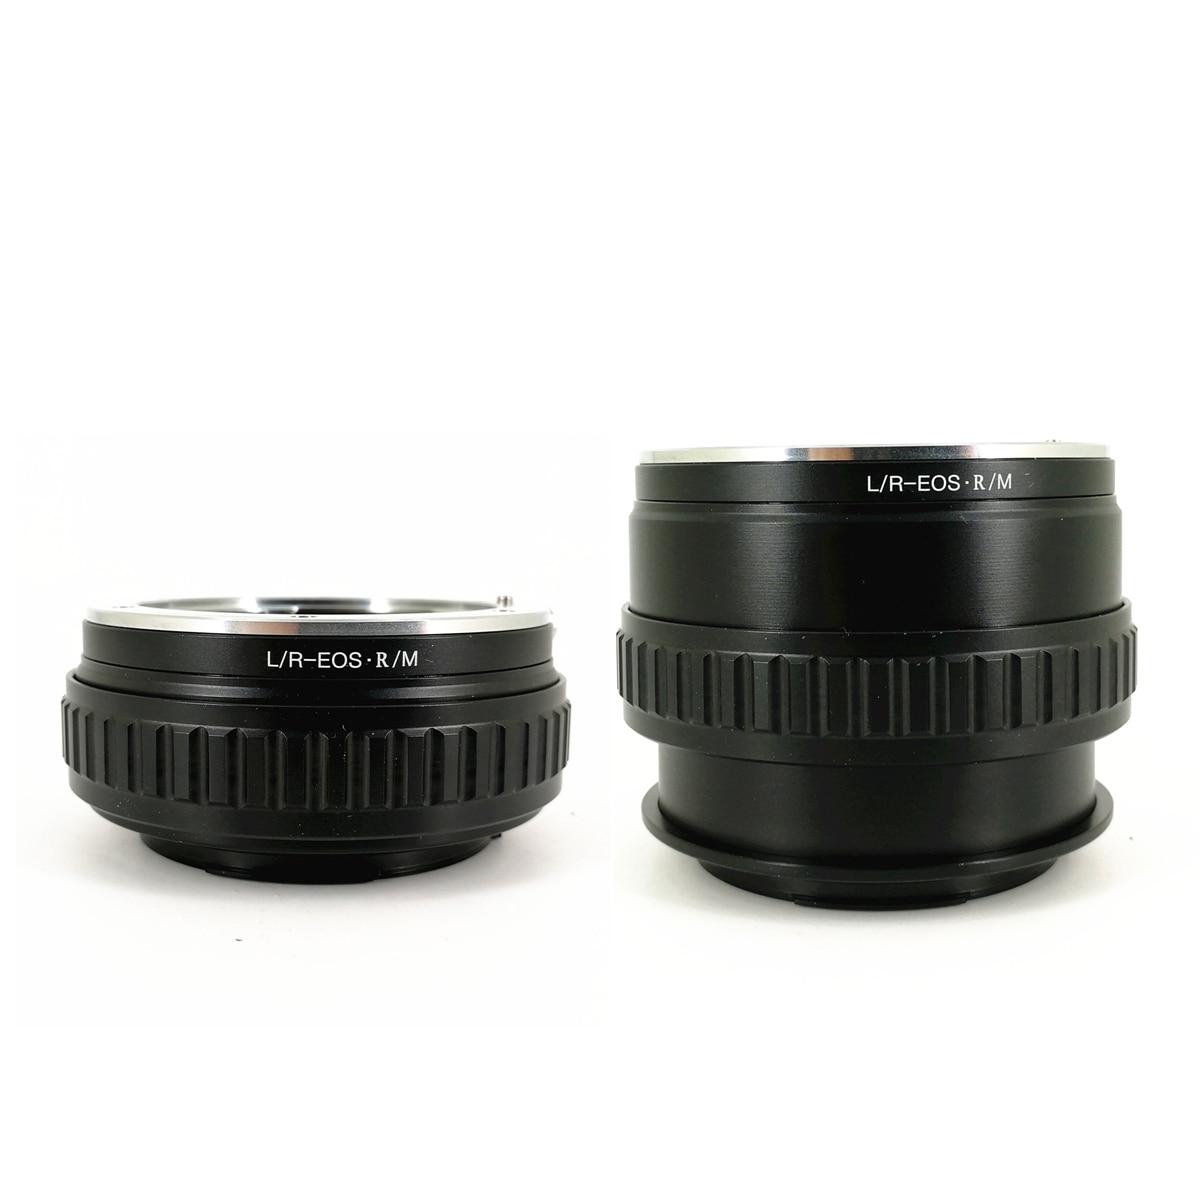 Bague d'adaptation réglable pour monture d'objectif Macro LR-RF LR-EOSR pour objectifs Leica R et LR-EOSR de corps Canon EOSR EOS R RP